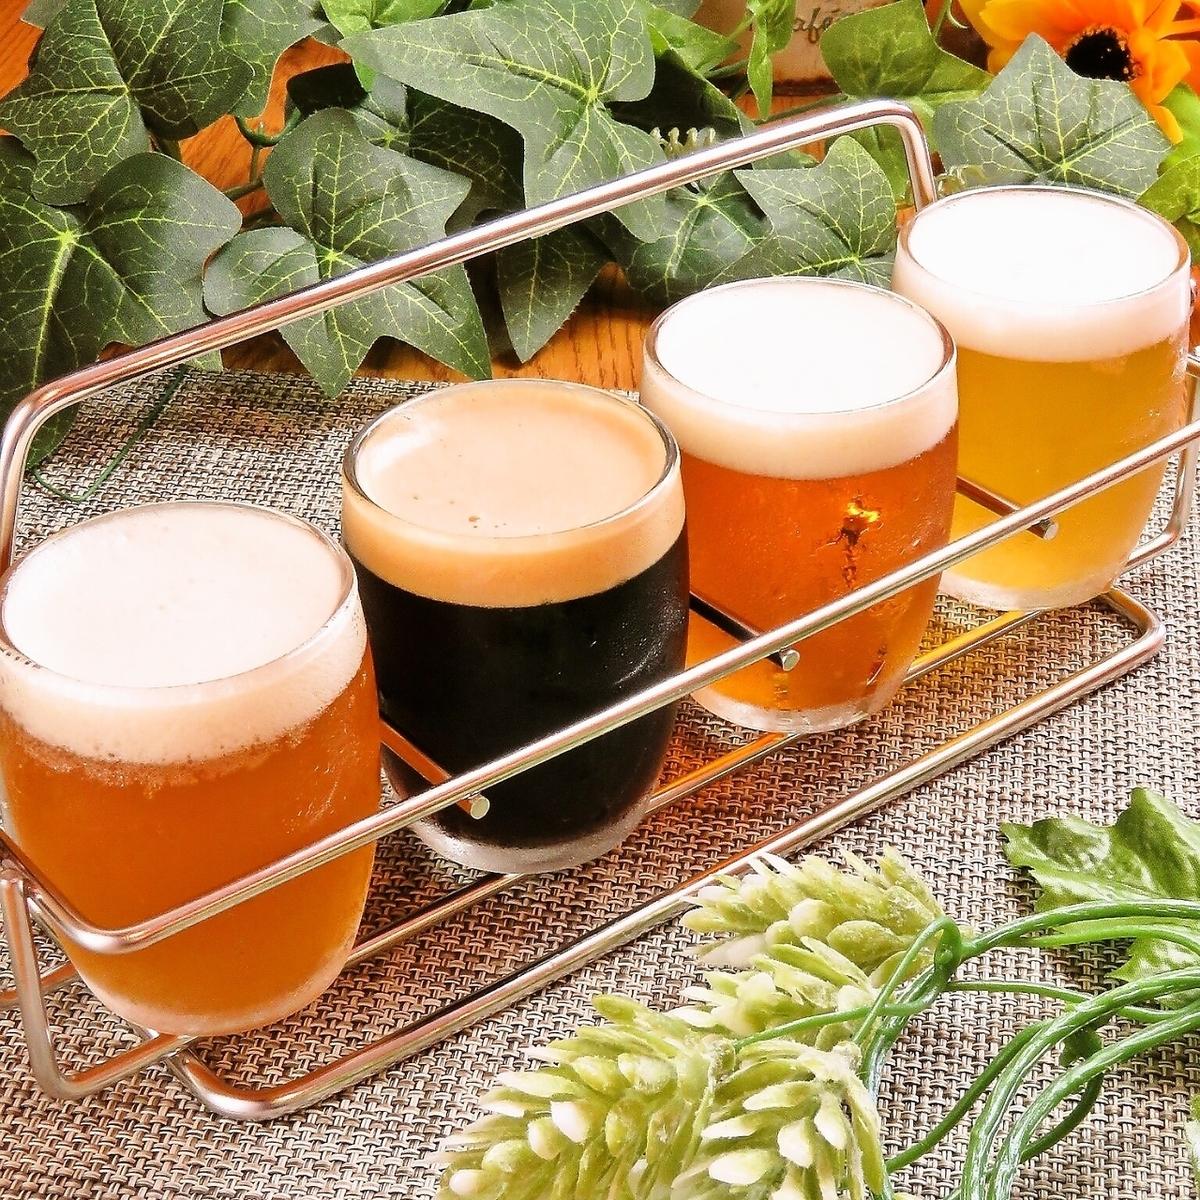 クラフトビール4種飲み比べセット